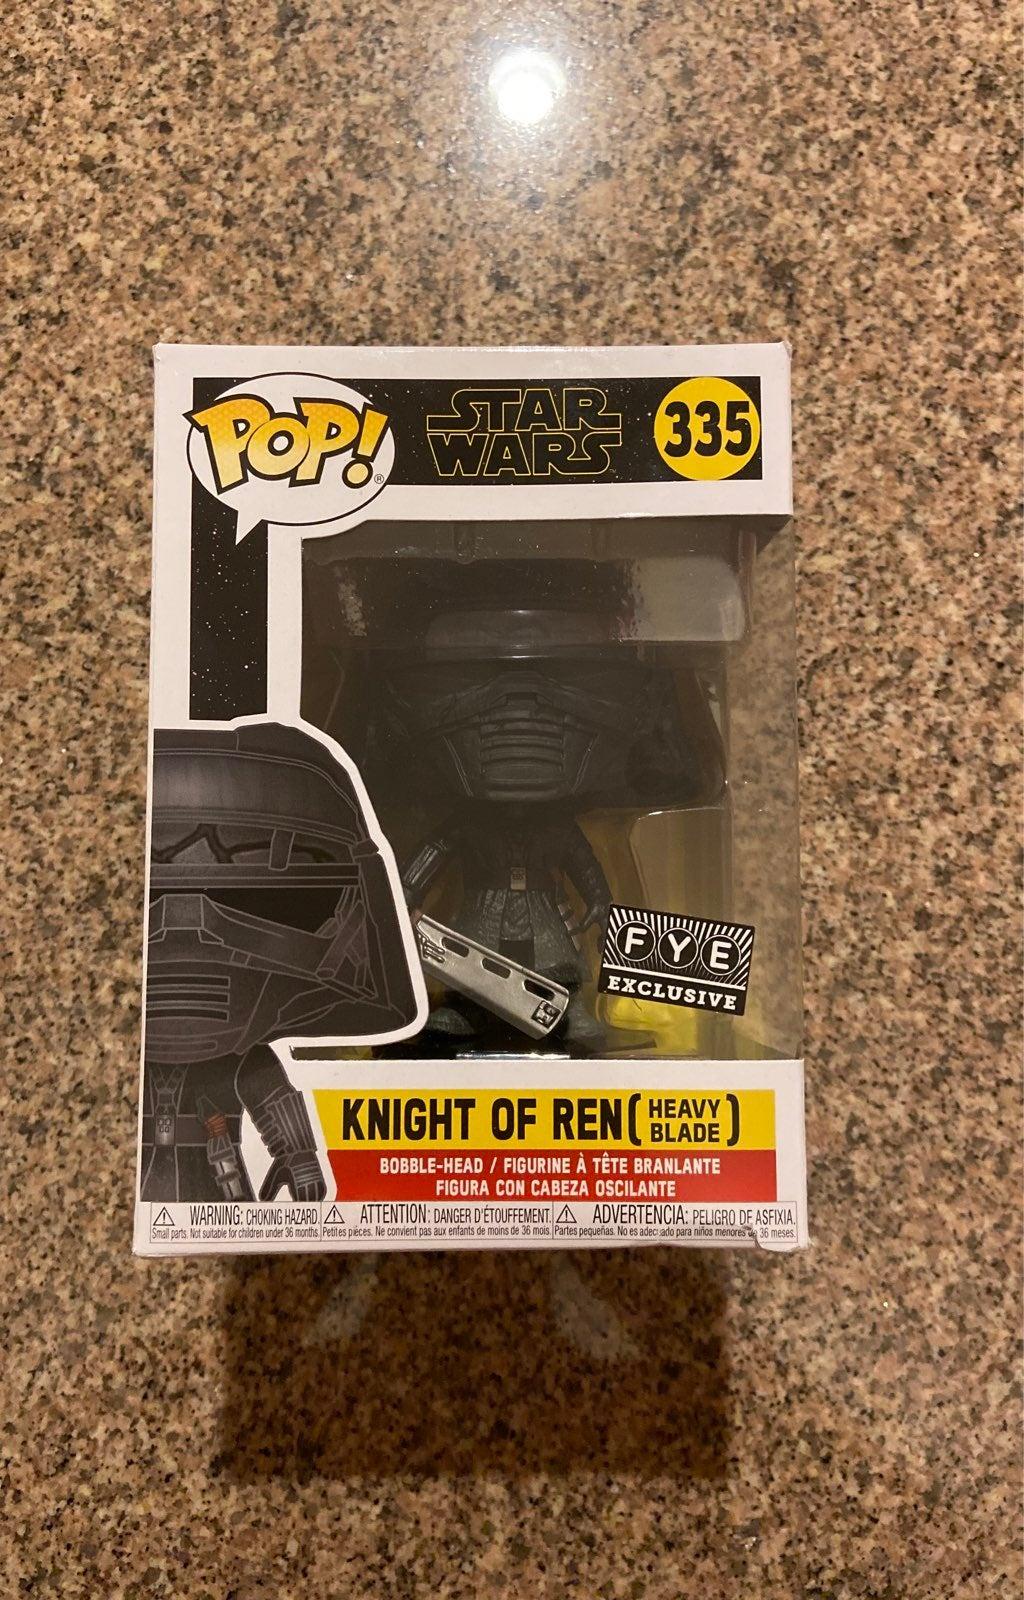 Funko Pop 335 Knight of Ren Heavy blade